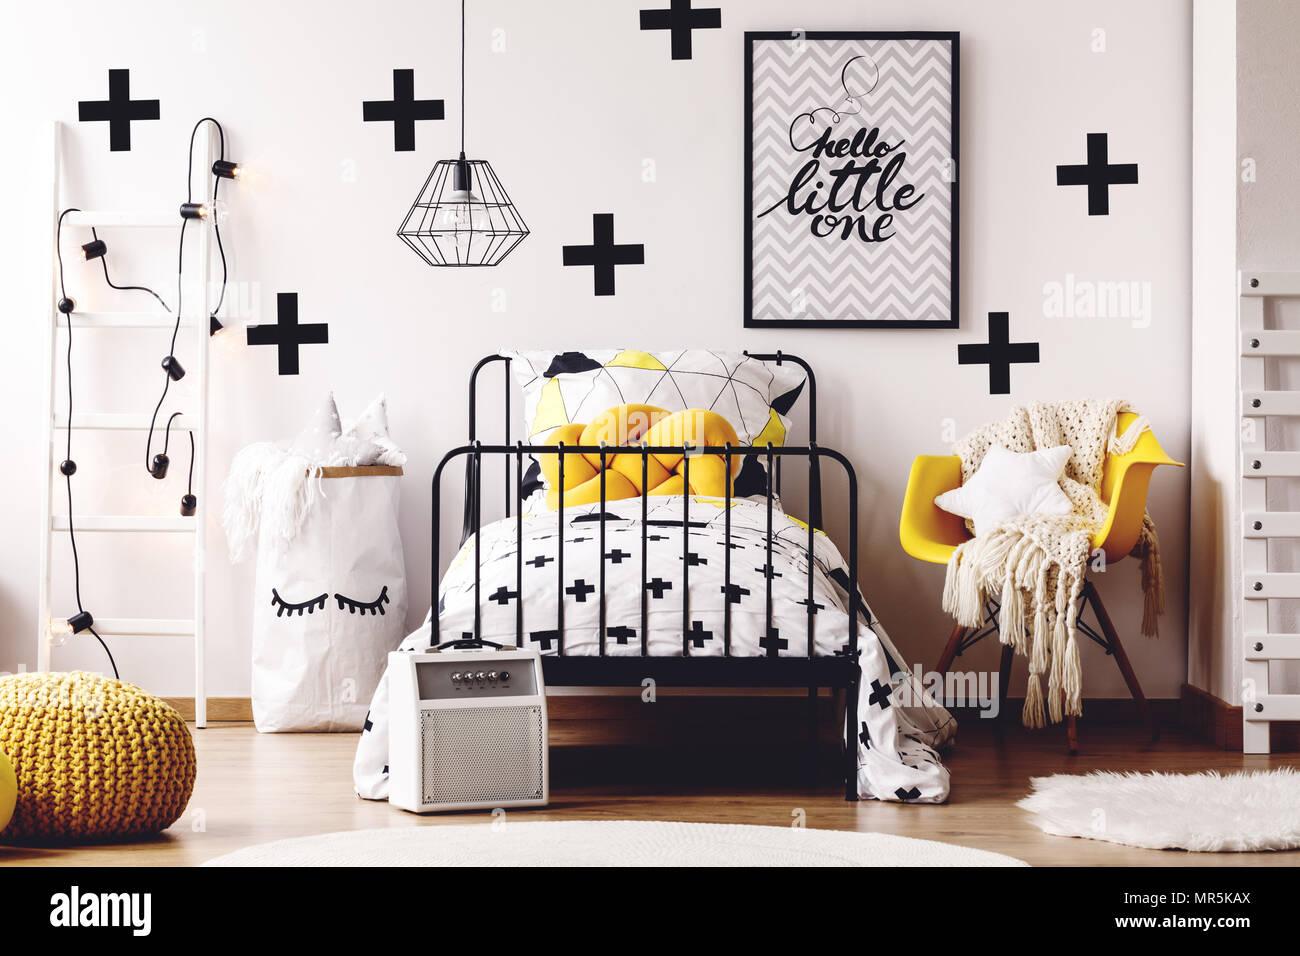 Carta Da Parati Per Armadi Bambini : Lo stile scandinavo camera per bambini con mobili di colore giallo e